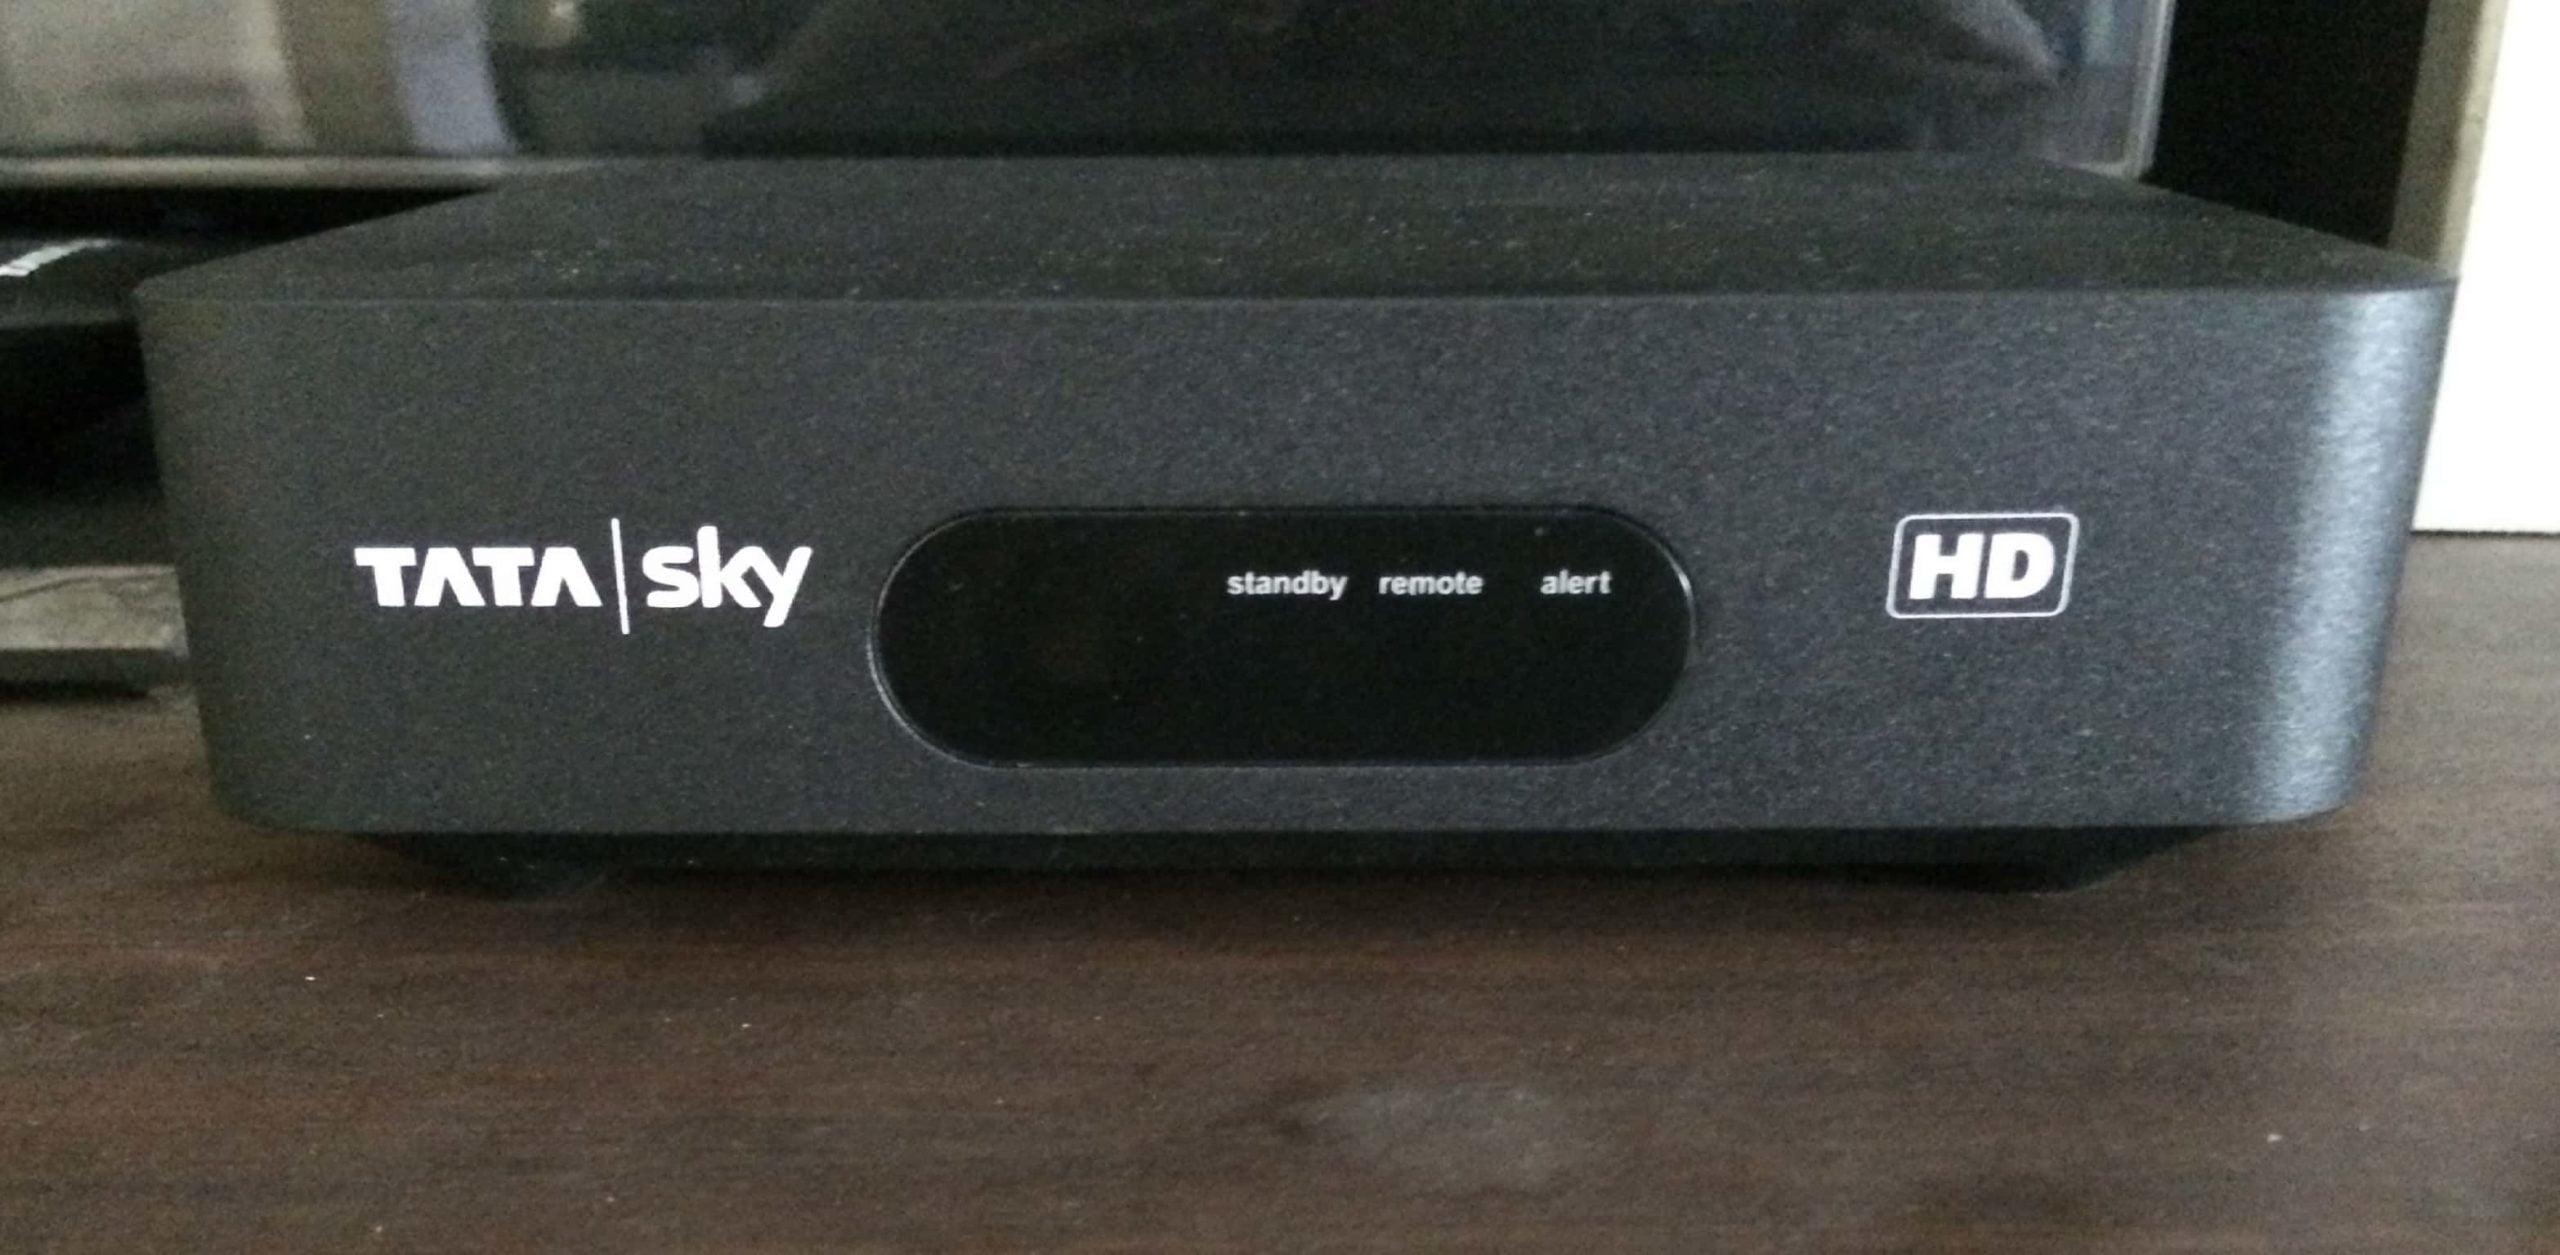 Tata Sky HD STB 2 scaled